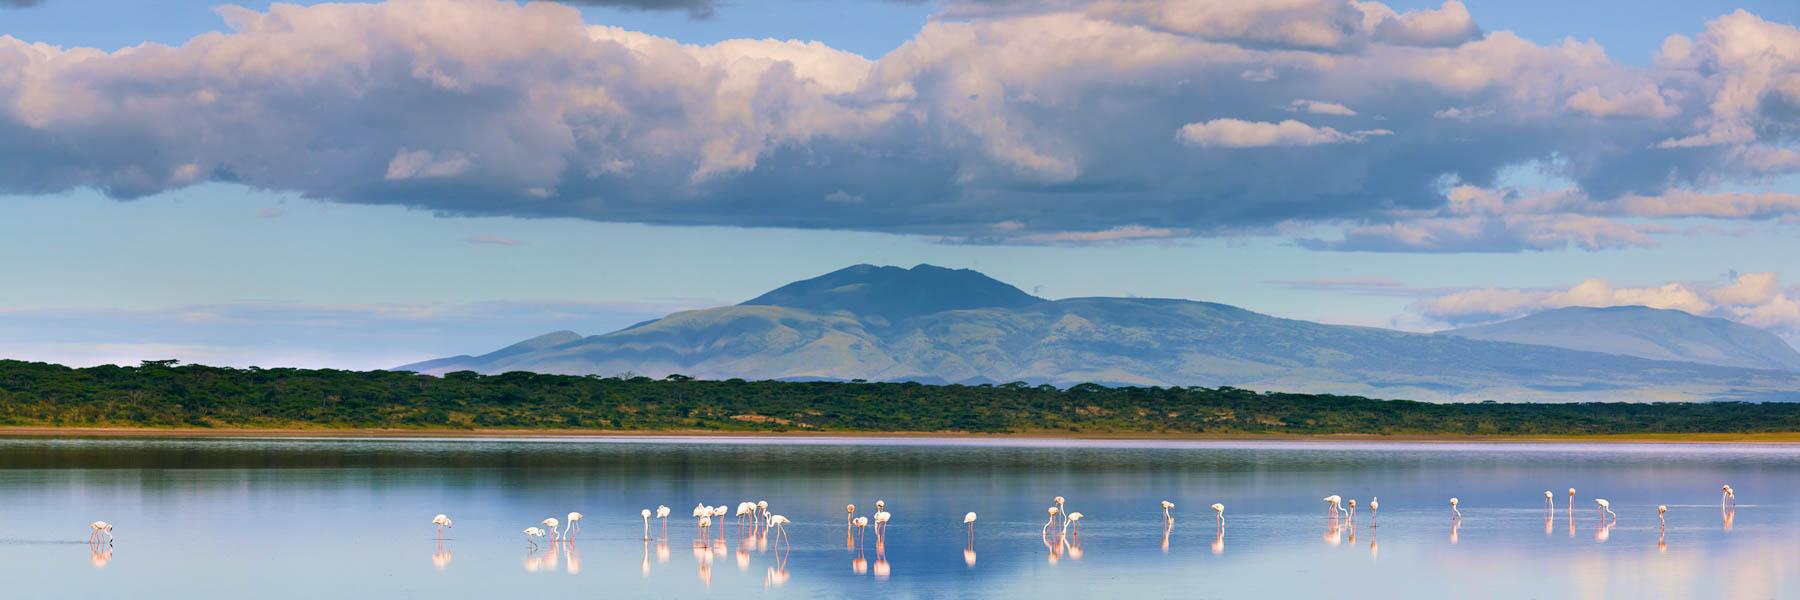 Flamingoes feeding in the shallows of Lake Masek, Tanzania.